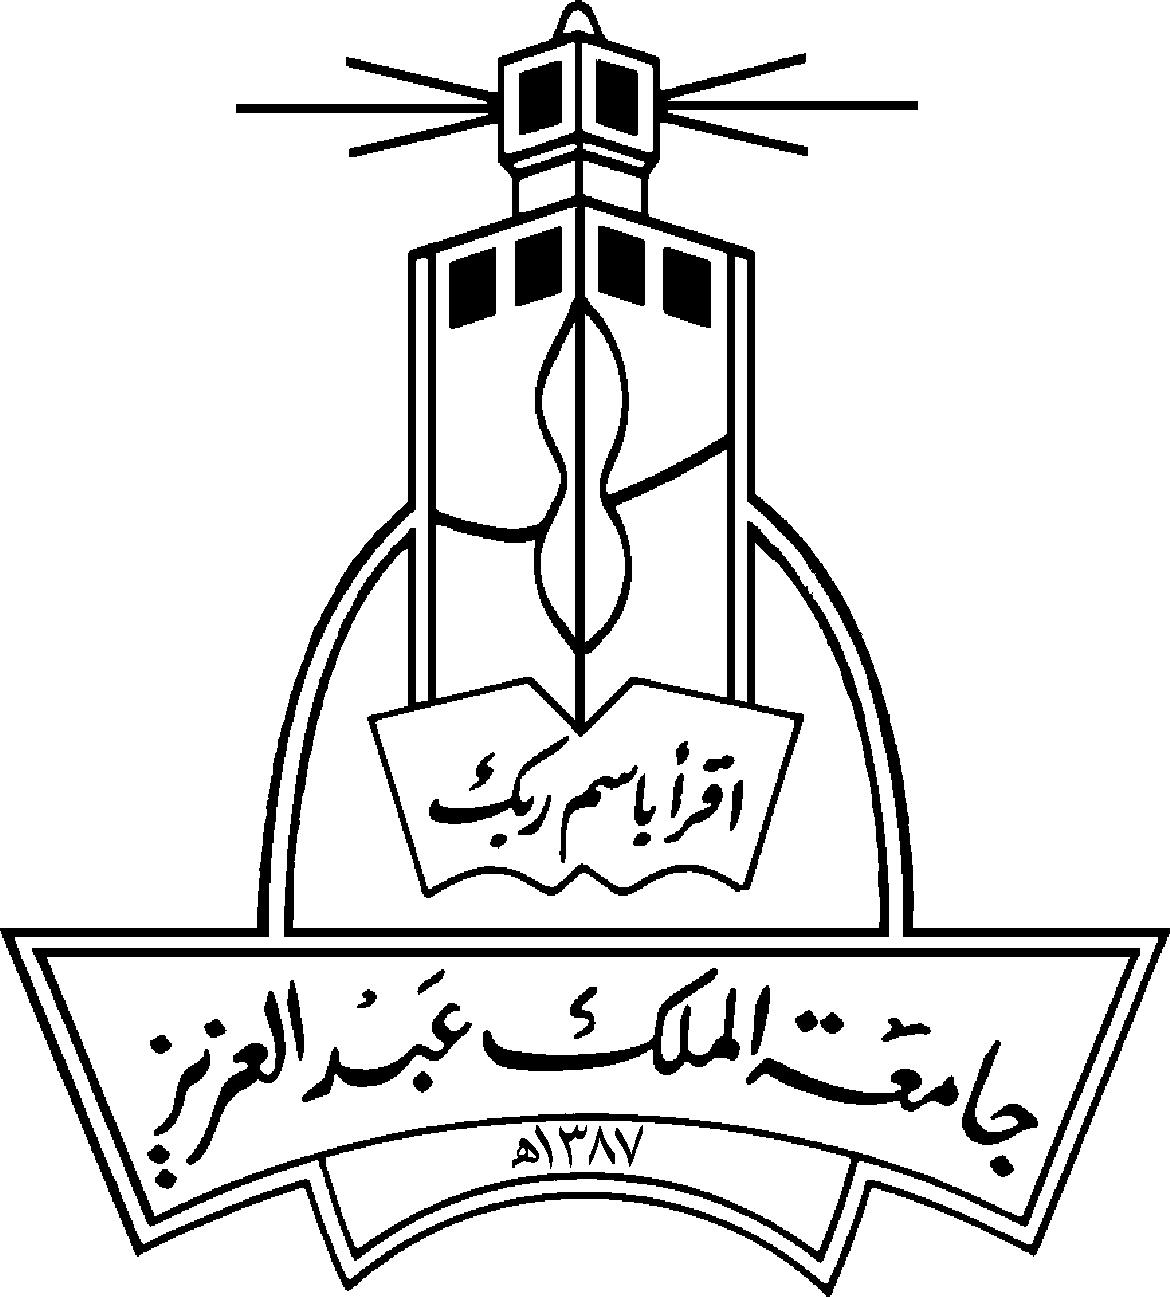 صور شعار جامعة الملك عبدالعزيز png جديدة